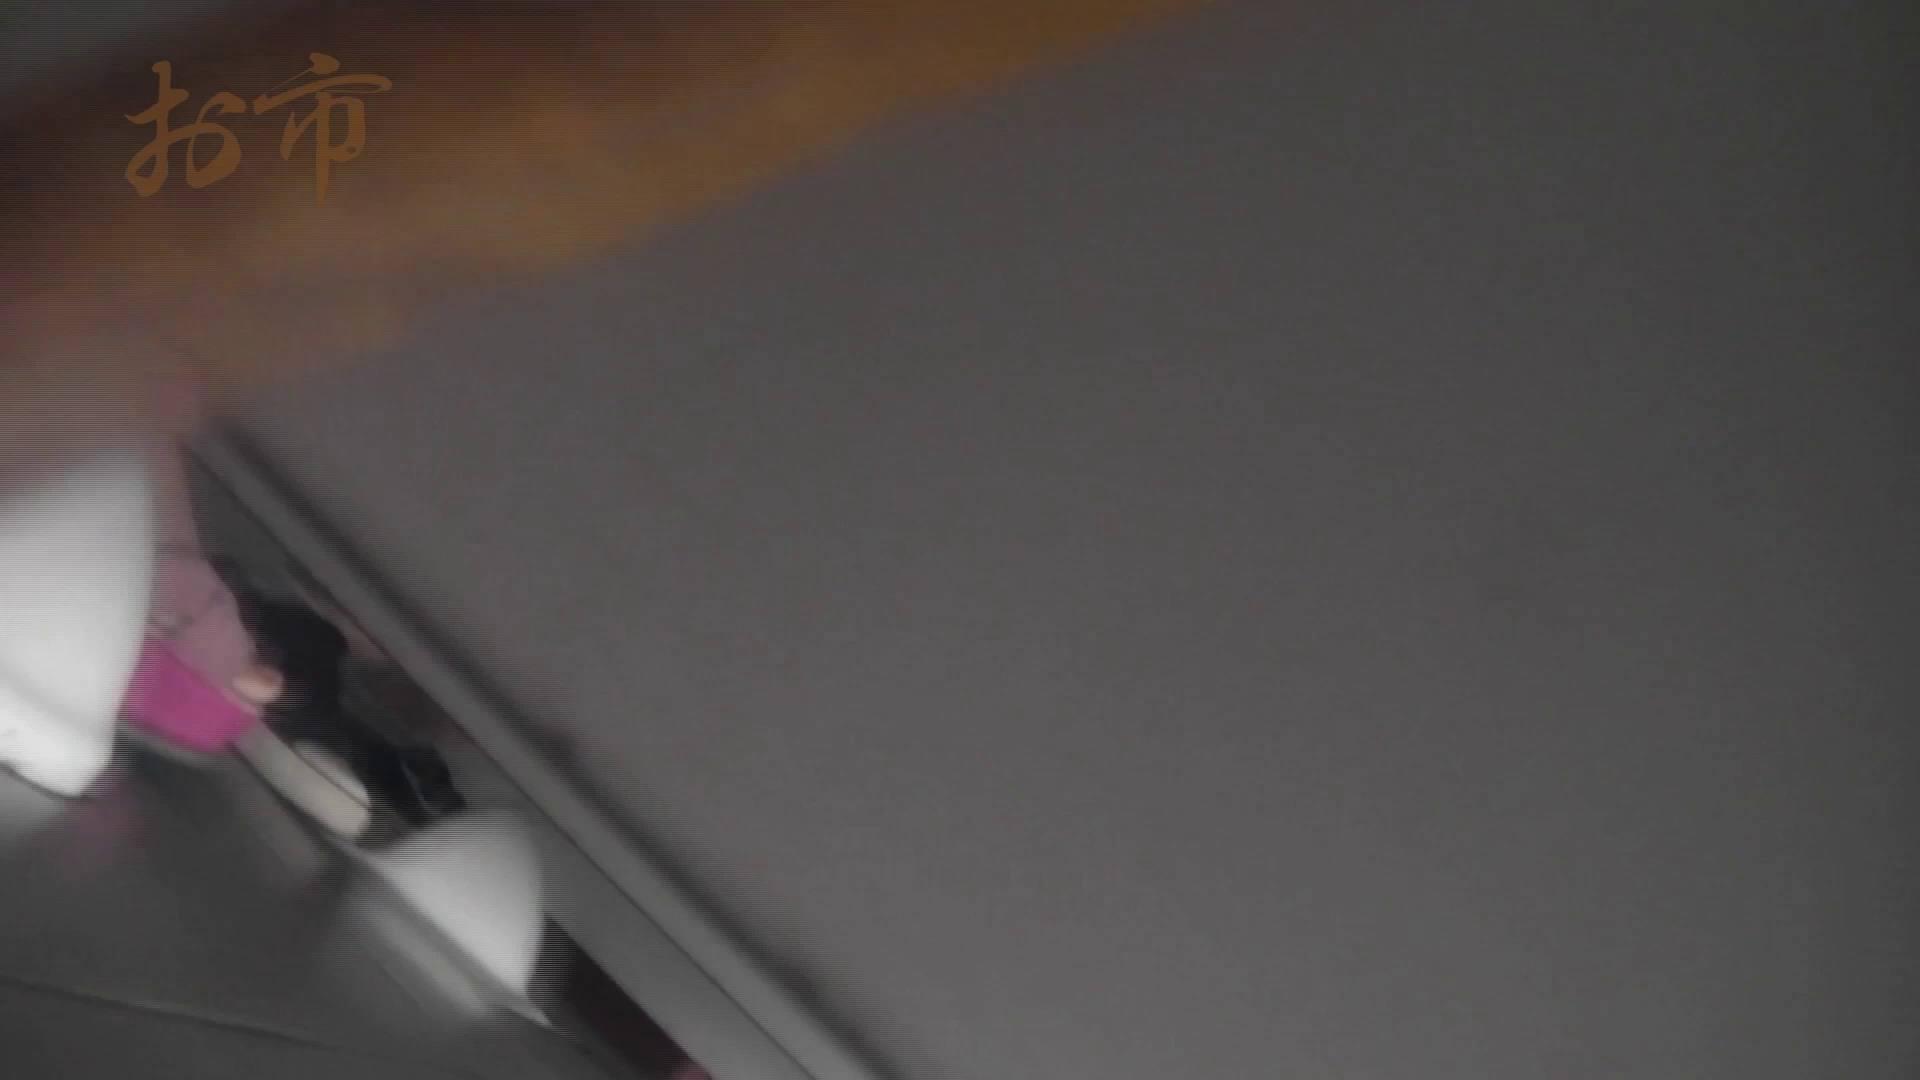 潜入!!台湾名門女学院 Vol.12 長身モデル驚き見たことないシチュエーション 丸見え エロ画像 80枚 20